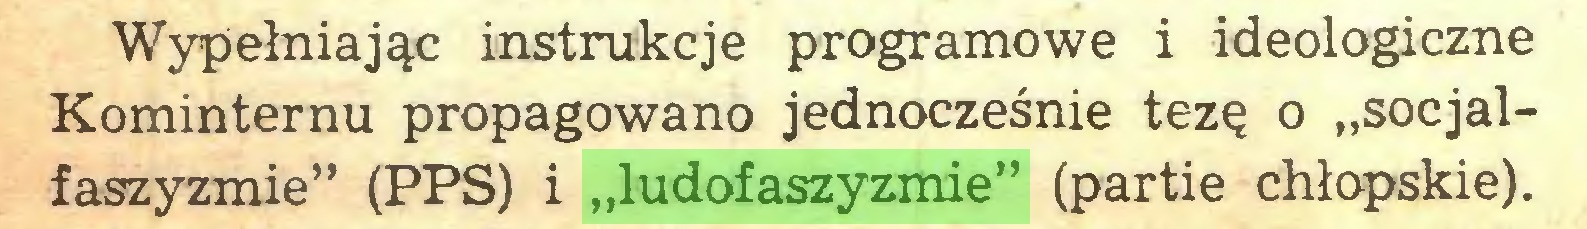 """(...) Wypełniając instrukcje programowe i ideologiczne Kominternu propagowano jednocześnie tezę o """"socjalfaszyzmie"""" (PPS) i """"ludofaszyzmie"""" (partie chłopskie)..."""